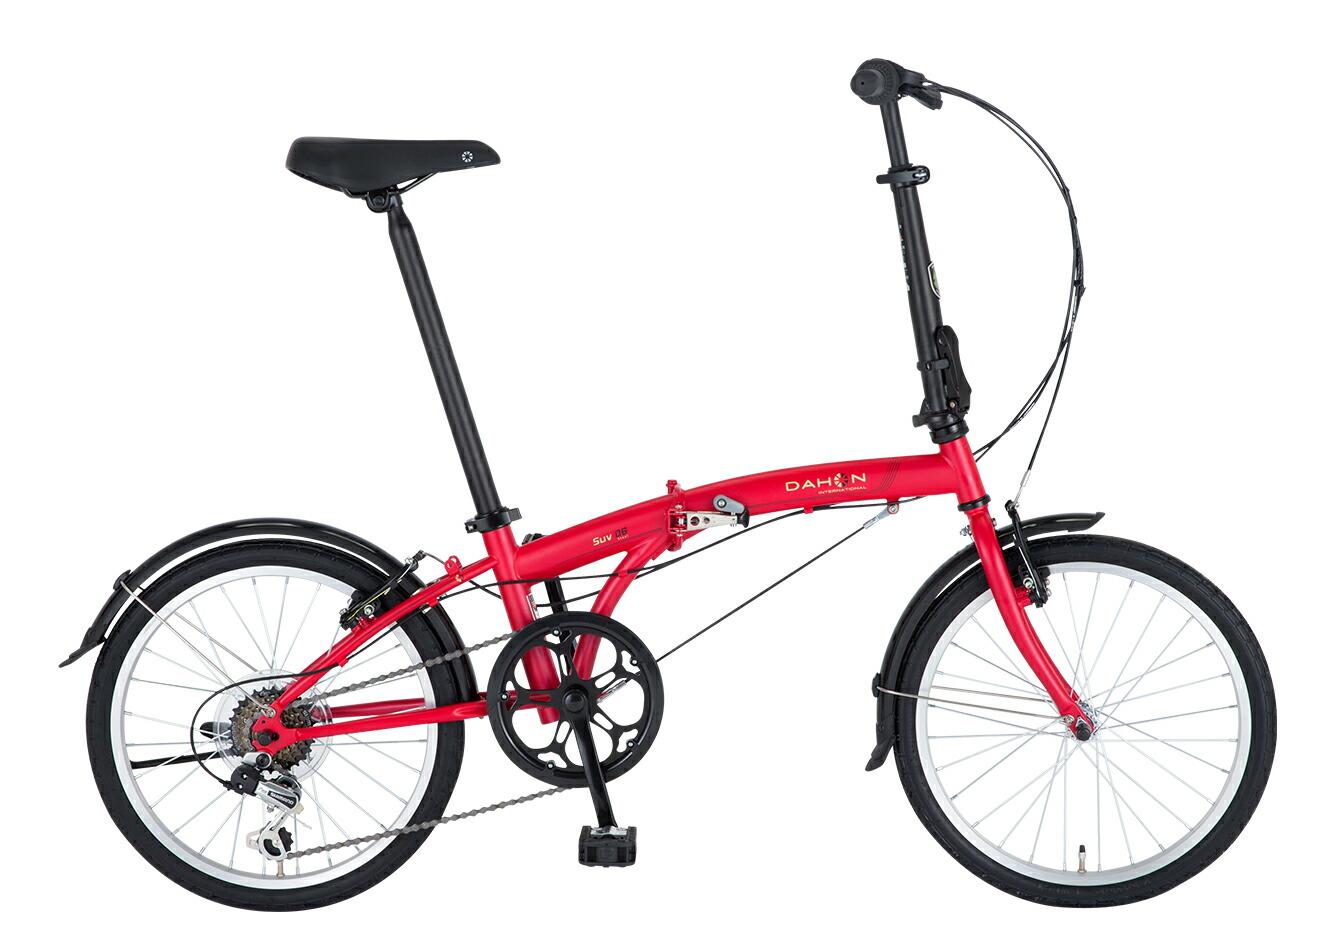 折りたたみ自転車 DAHON SUV D6 ダホン 自転車 20インチ 折りたたみ 外装6段変速ギア エスユーヴィー D6 Matt Rouge マットルージュ ギア付 通販 おしゃれ